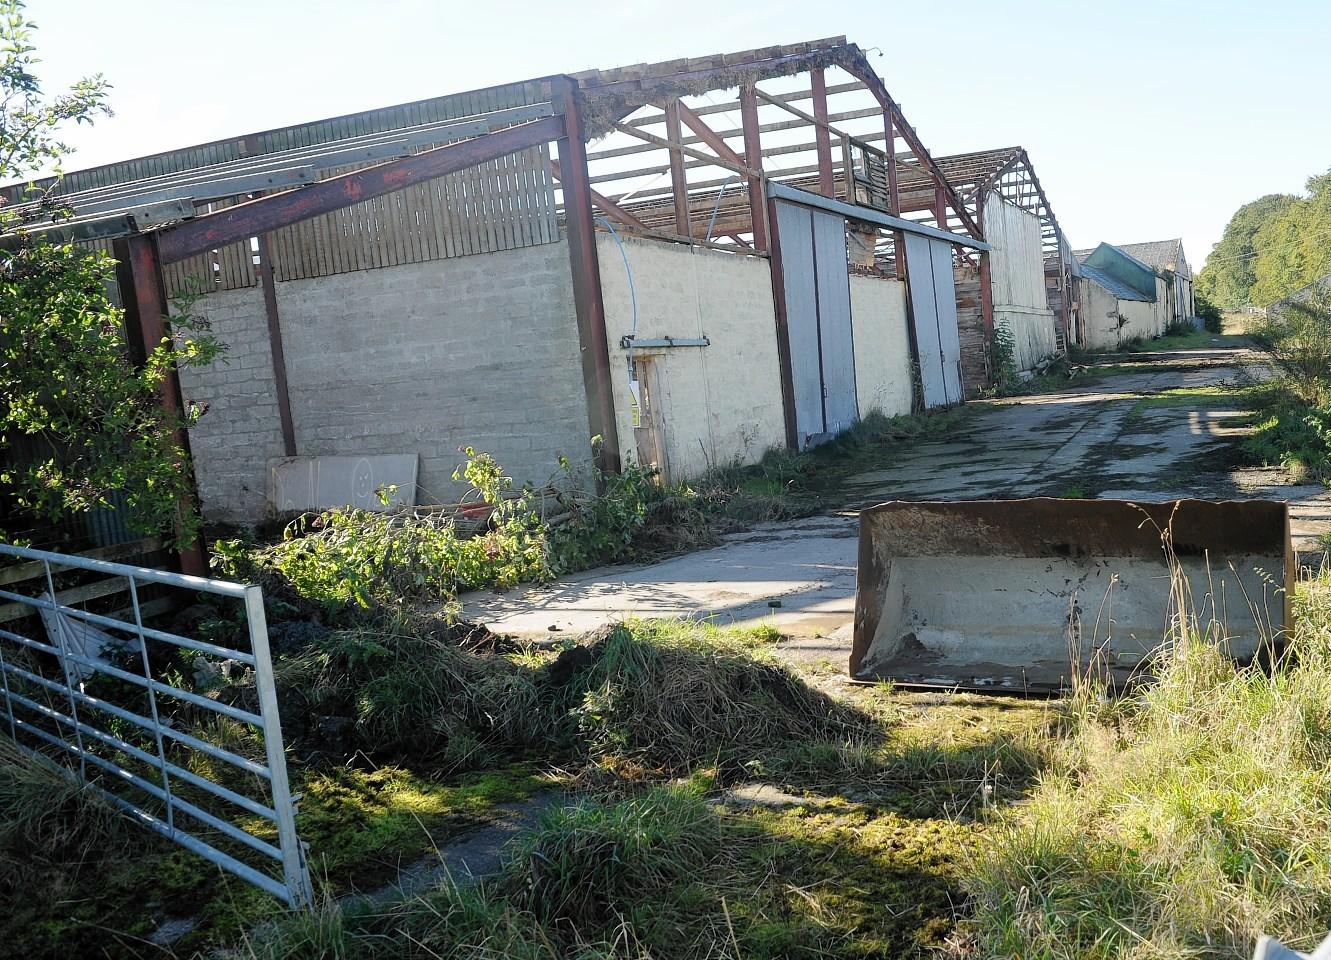 Viewhill, near Culloden Battlefield, where demolition work is underway.